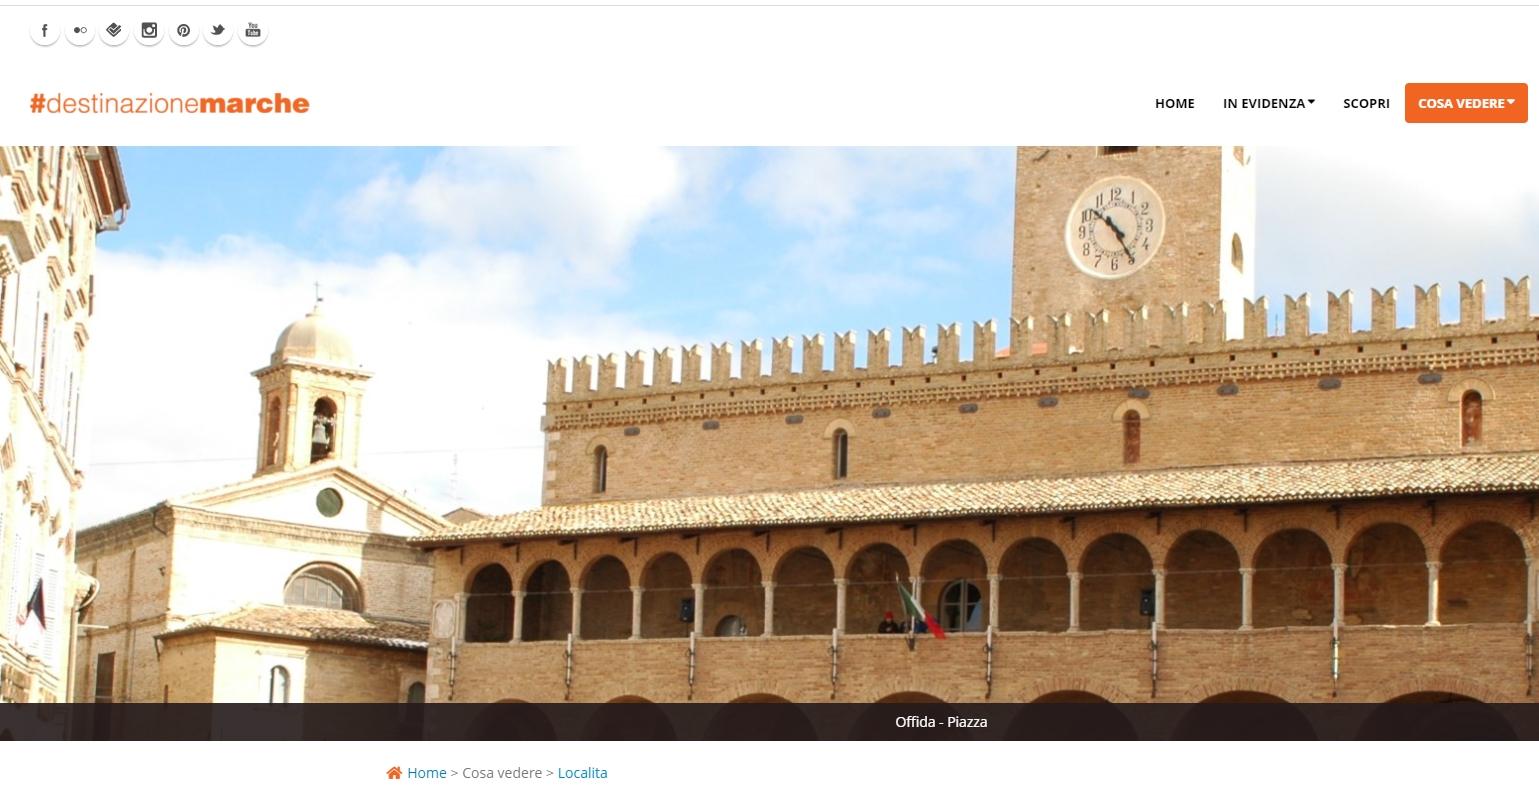 Marche, un nuovo sito per la promozione turistica   Offida info